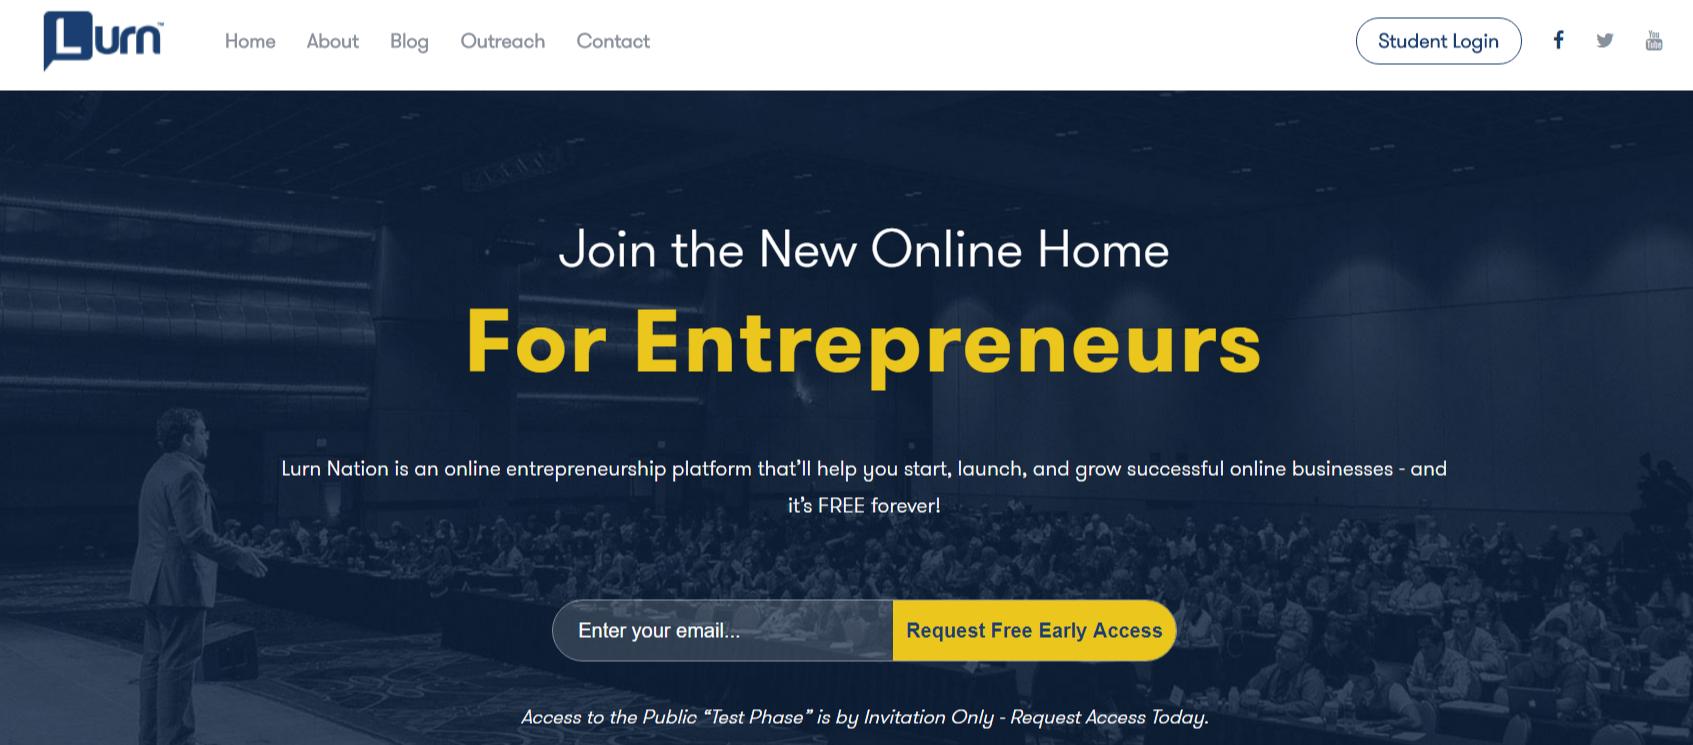 Lurn Review- Learning Home for Entrepreneurs